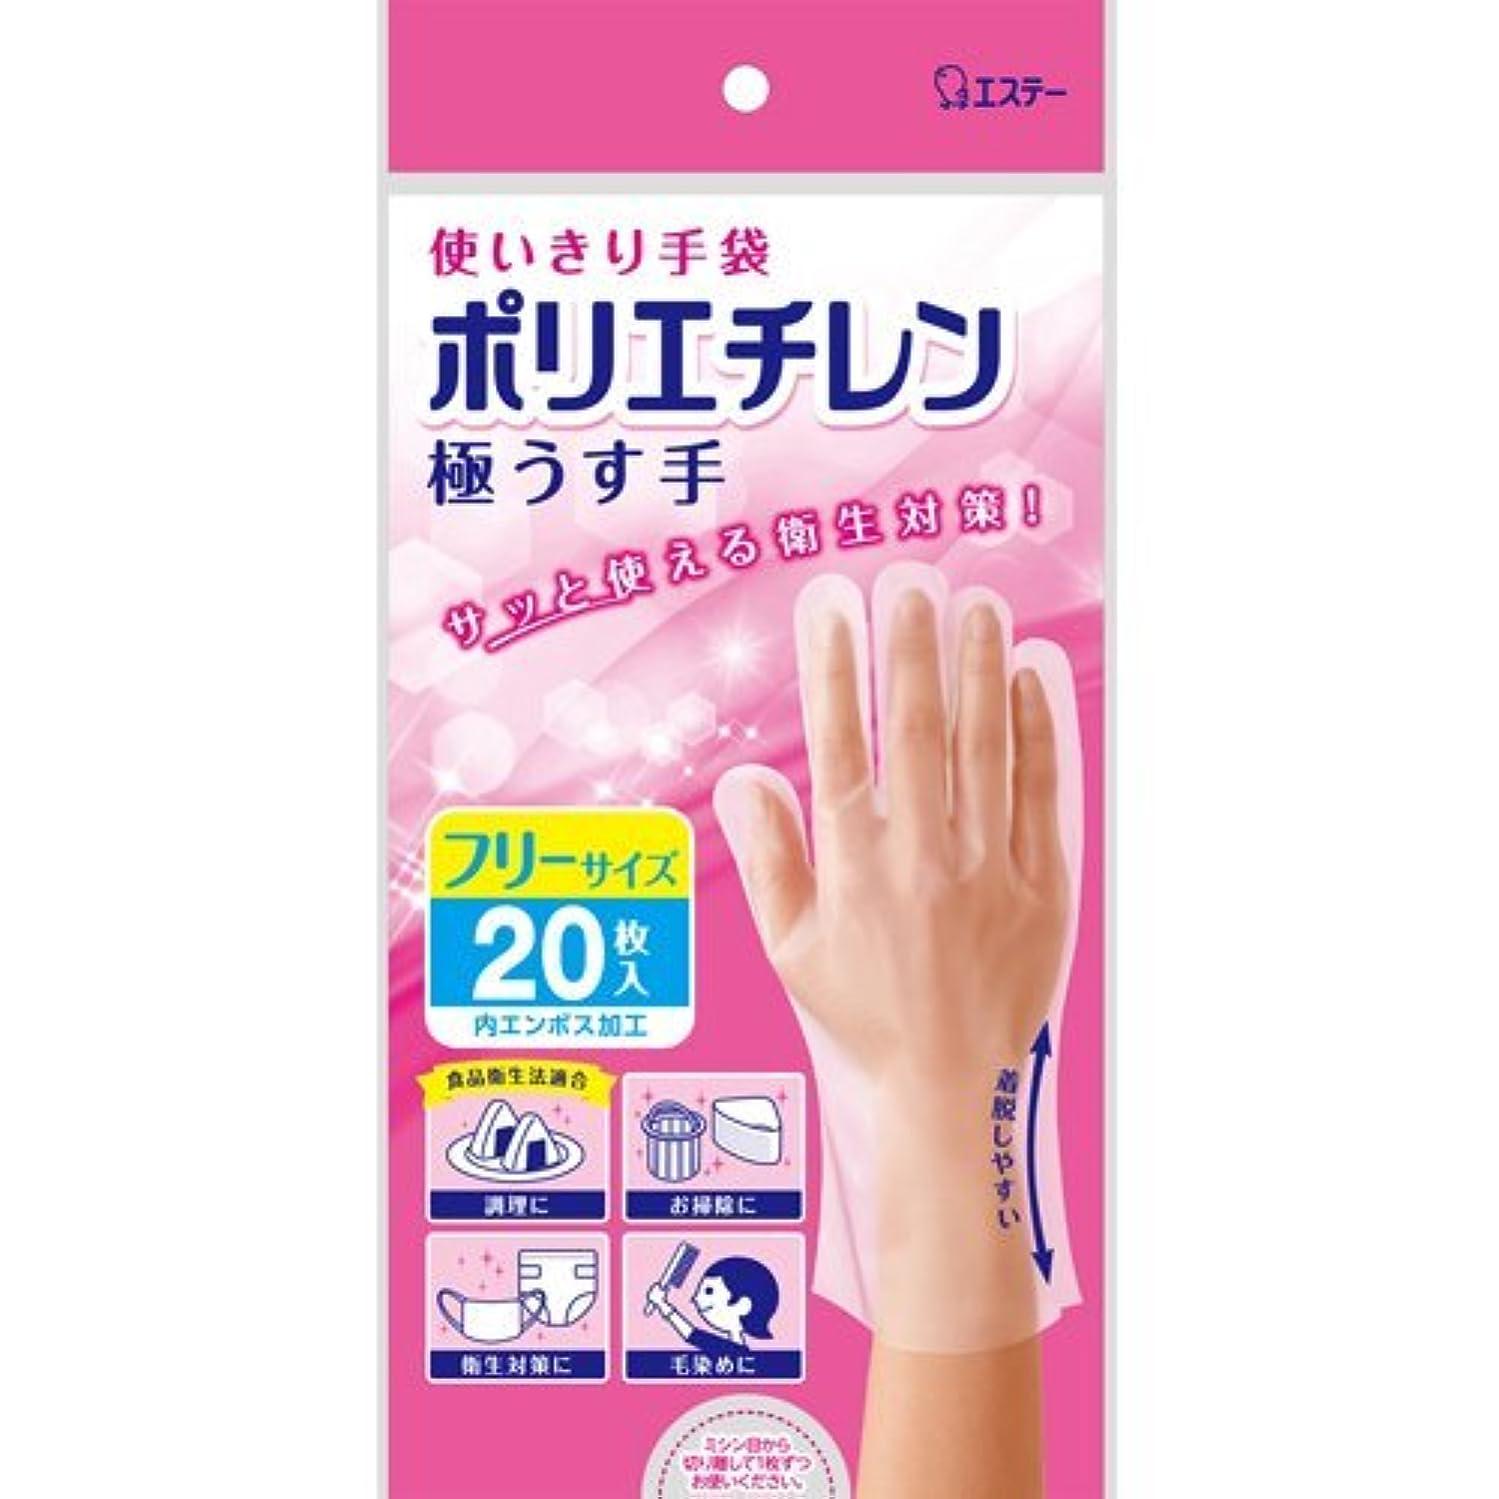 チャンバーさせるヒギンズ使いきり手袋 ポリエチレン 極うす手 半透明 フリーサイズ 20枚